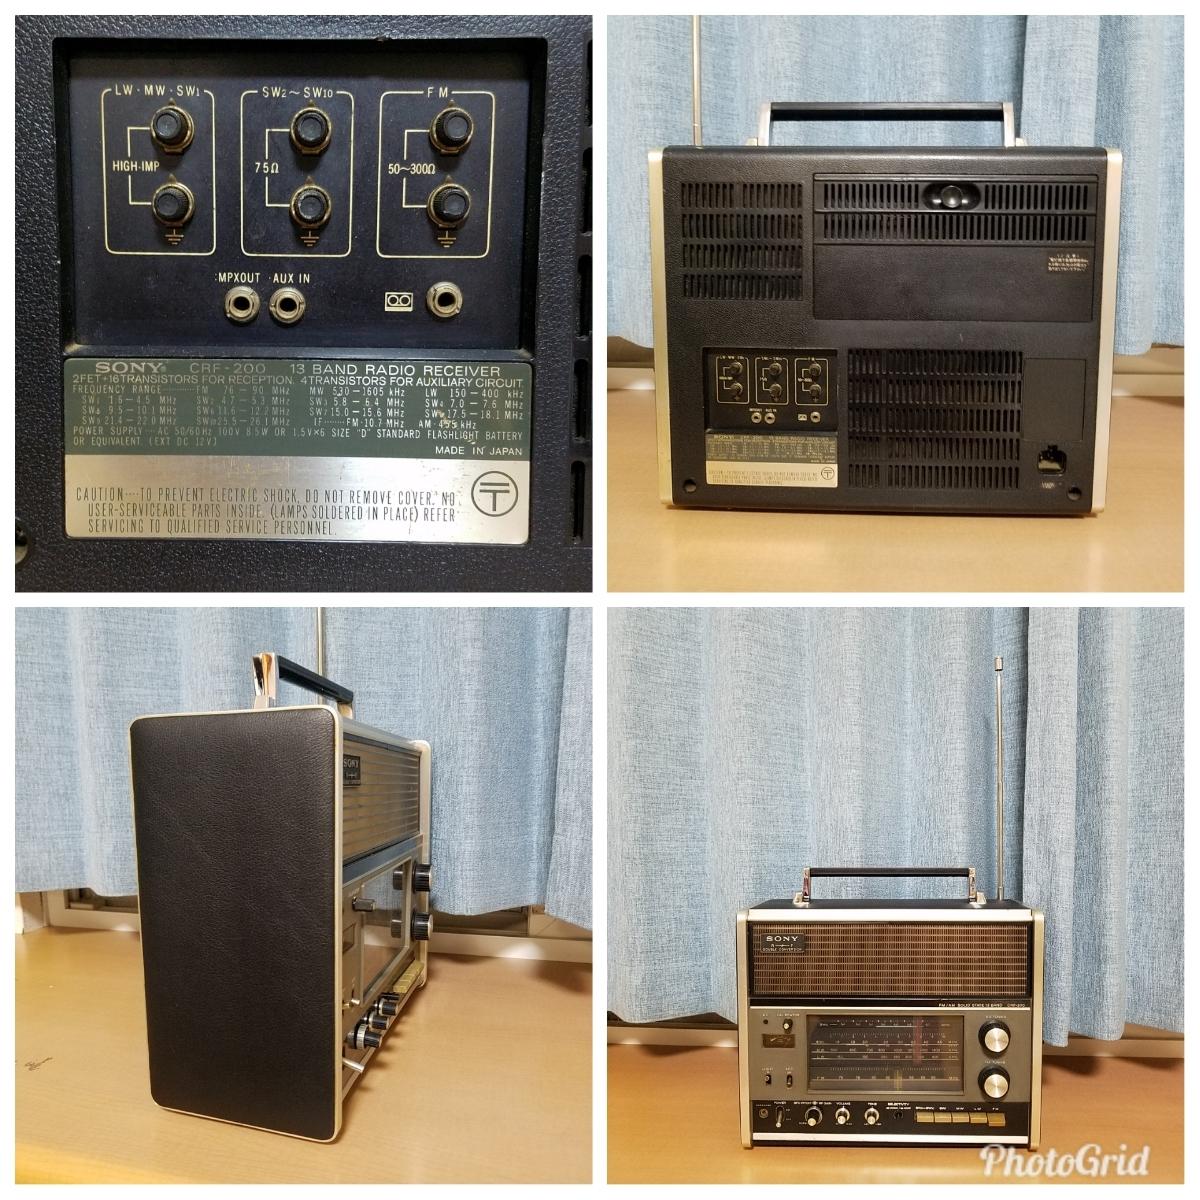 希少 SONY CRF-200 WORLDZONE13 ワールドゾーン 13 BAND RADIO アンティーク ラジオ 中古 簡易動作確認済_画像8